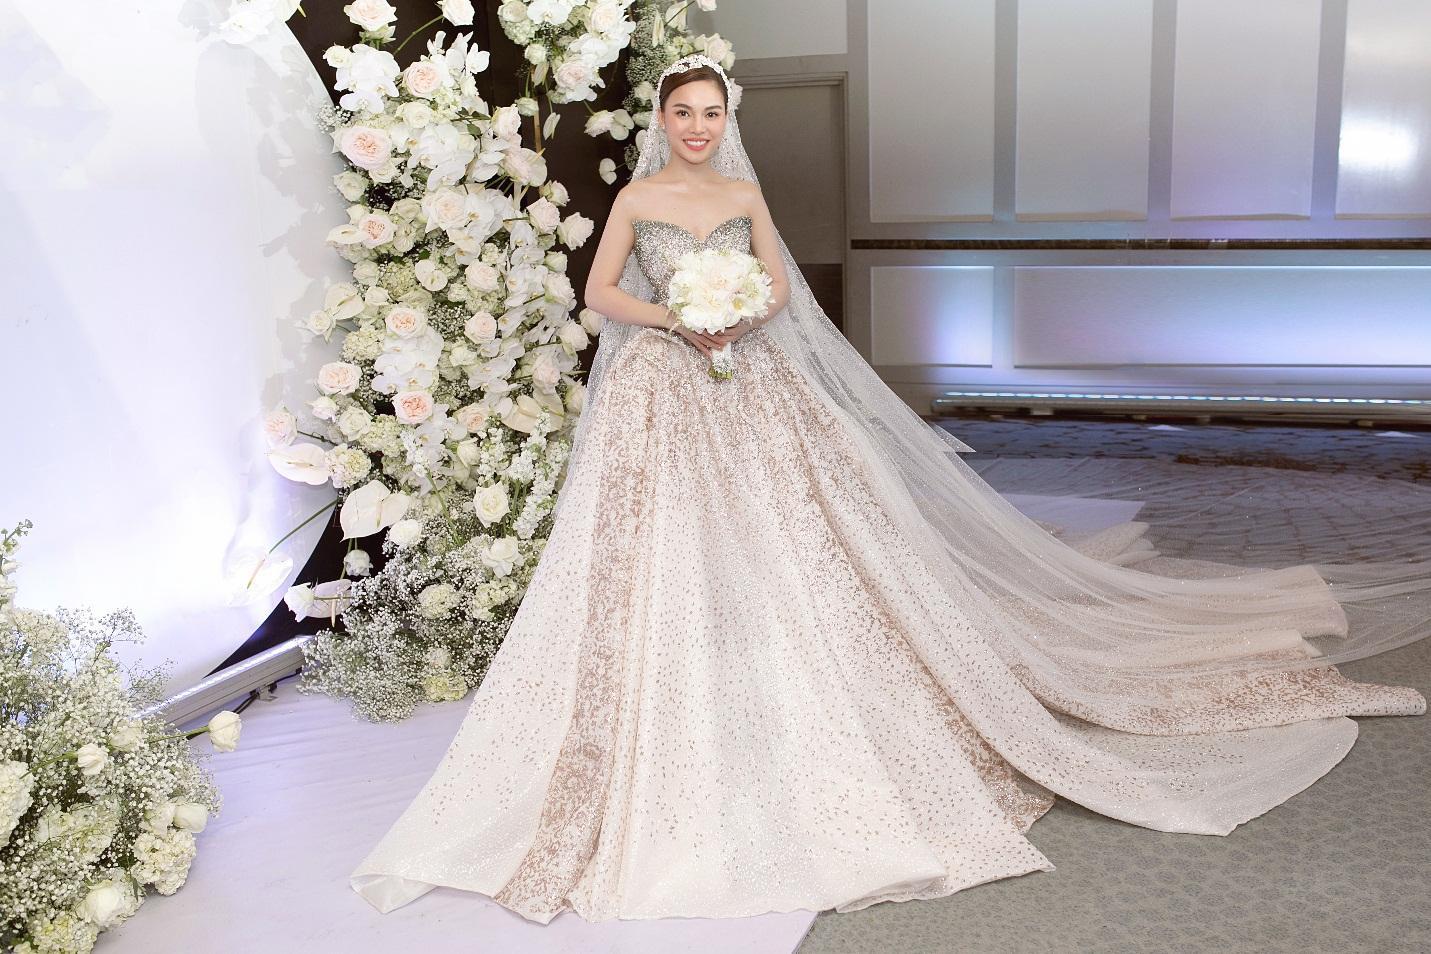 Ba mẫu váy cưới Hacchic Couture thực hiện cho Giang Hồng Ngọc kèm thông điệp ý nghĩa bất ngờ - Ảnh 6.